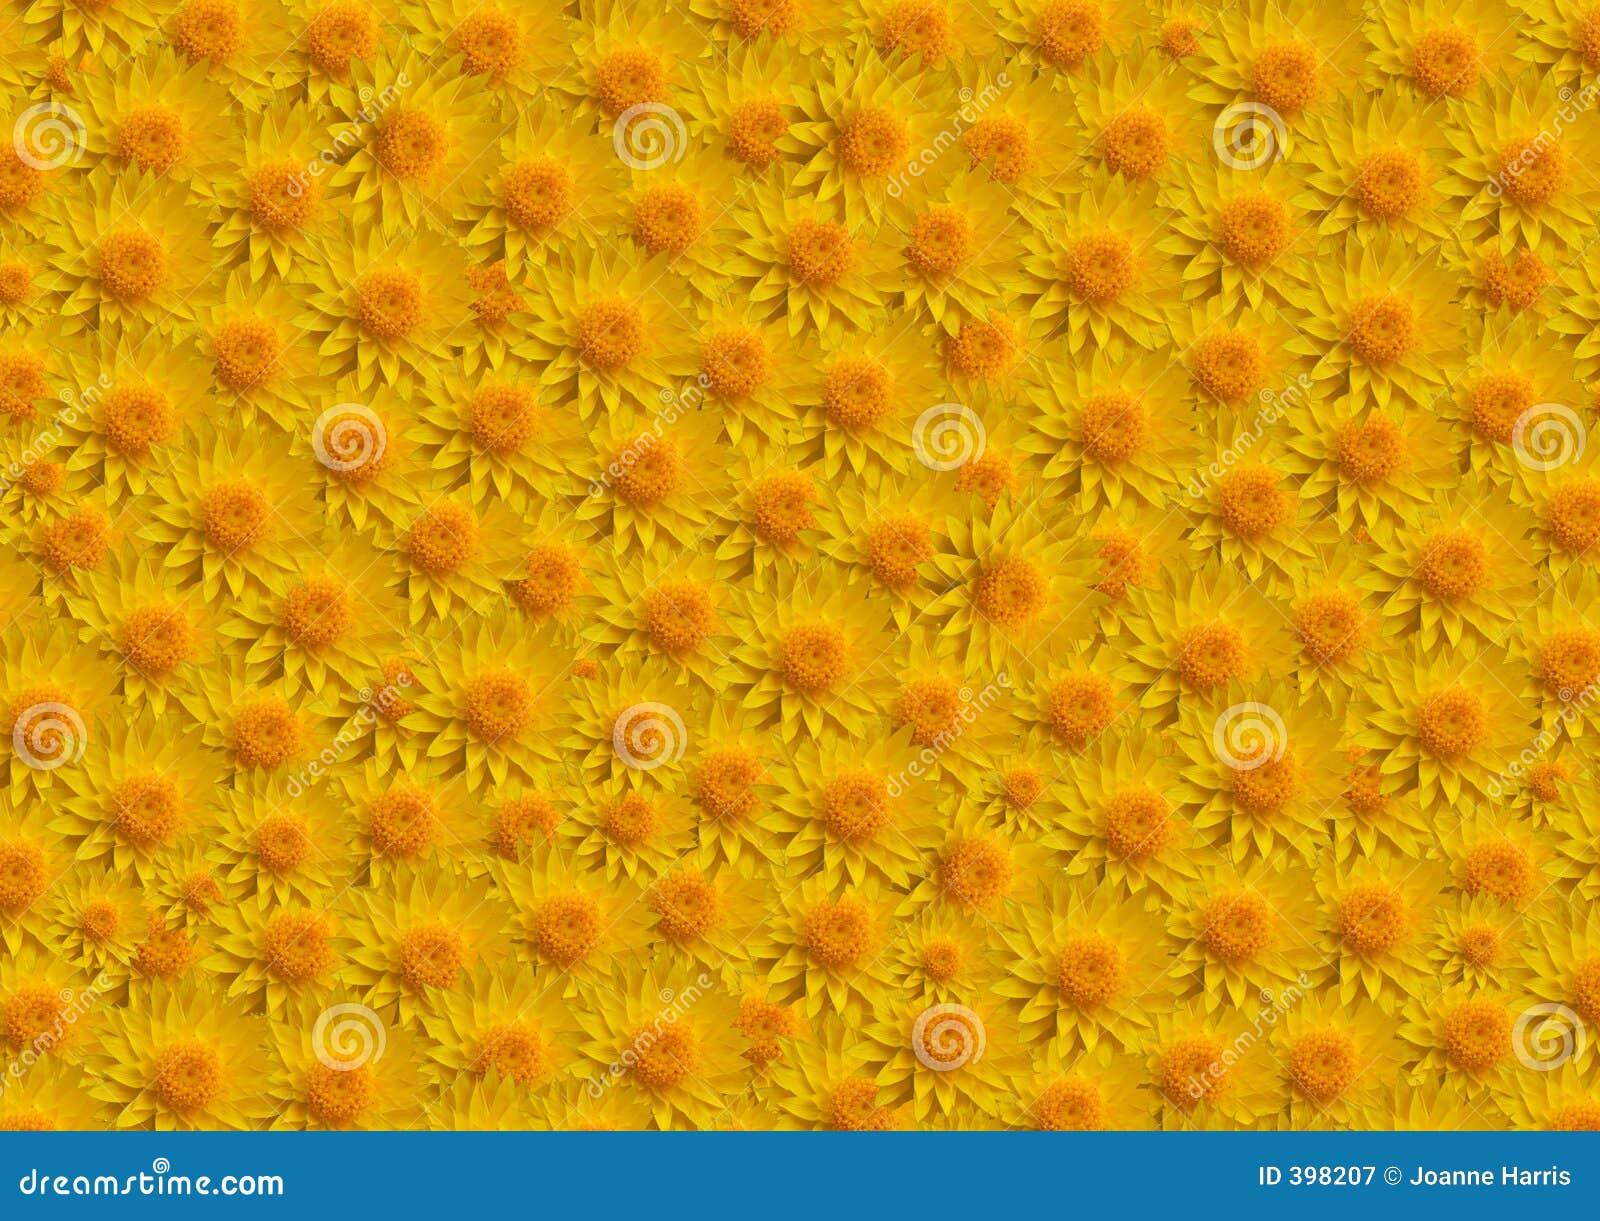 Remplissage de jaune de fleurs grand